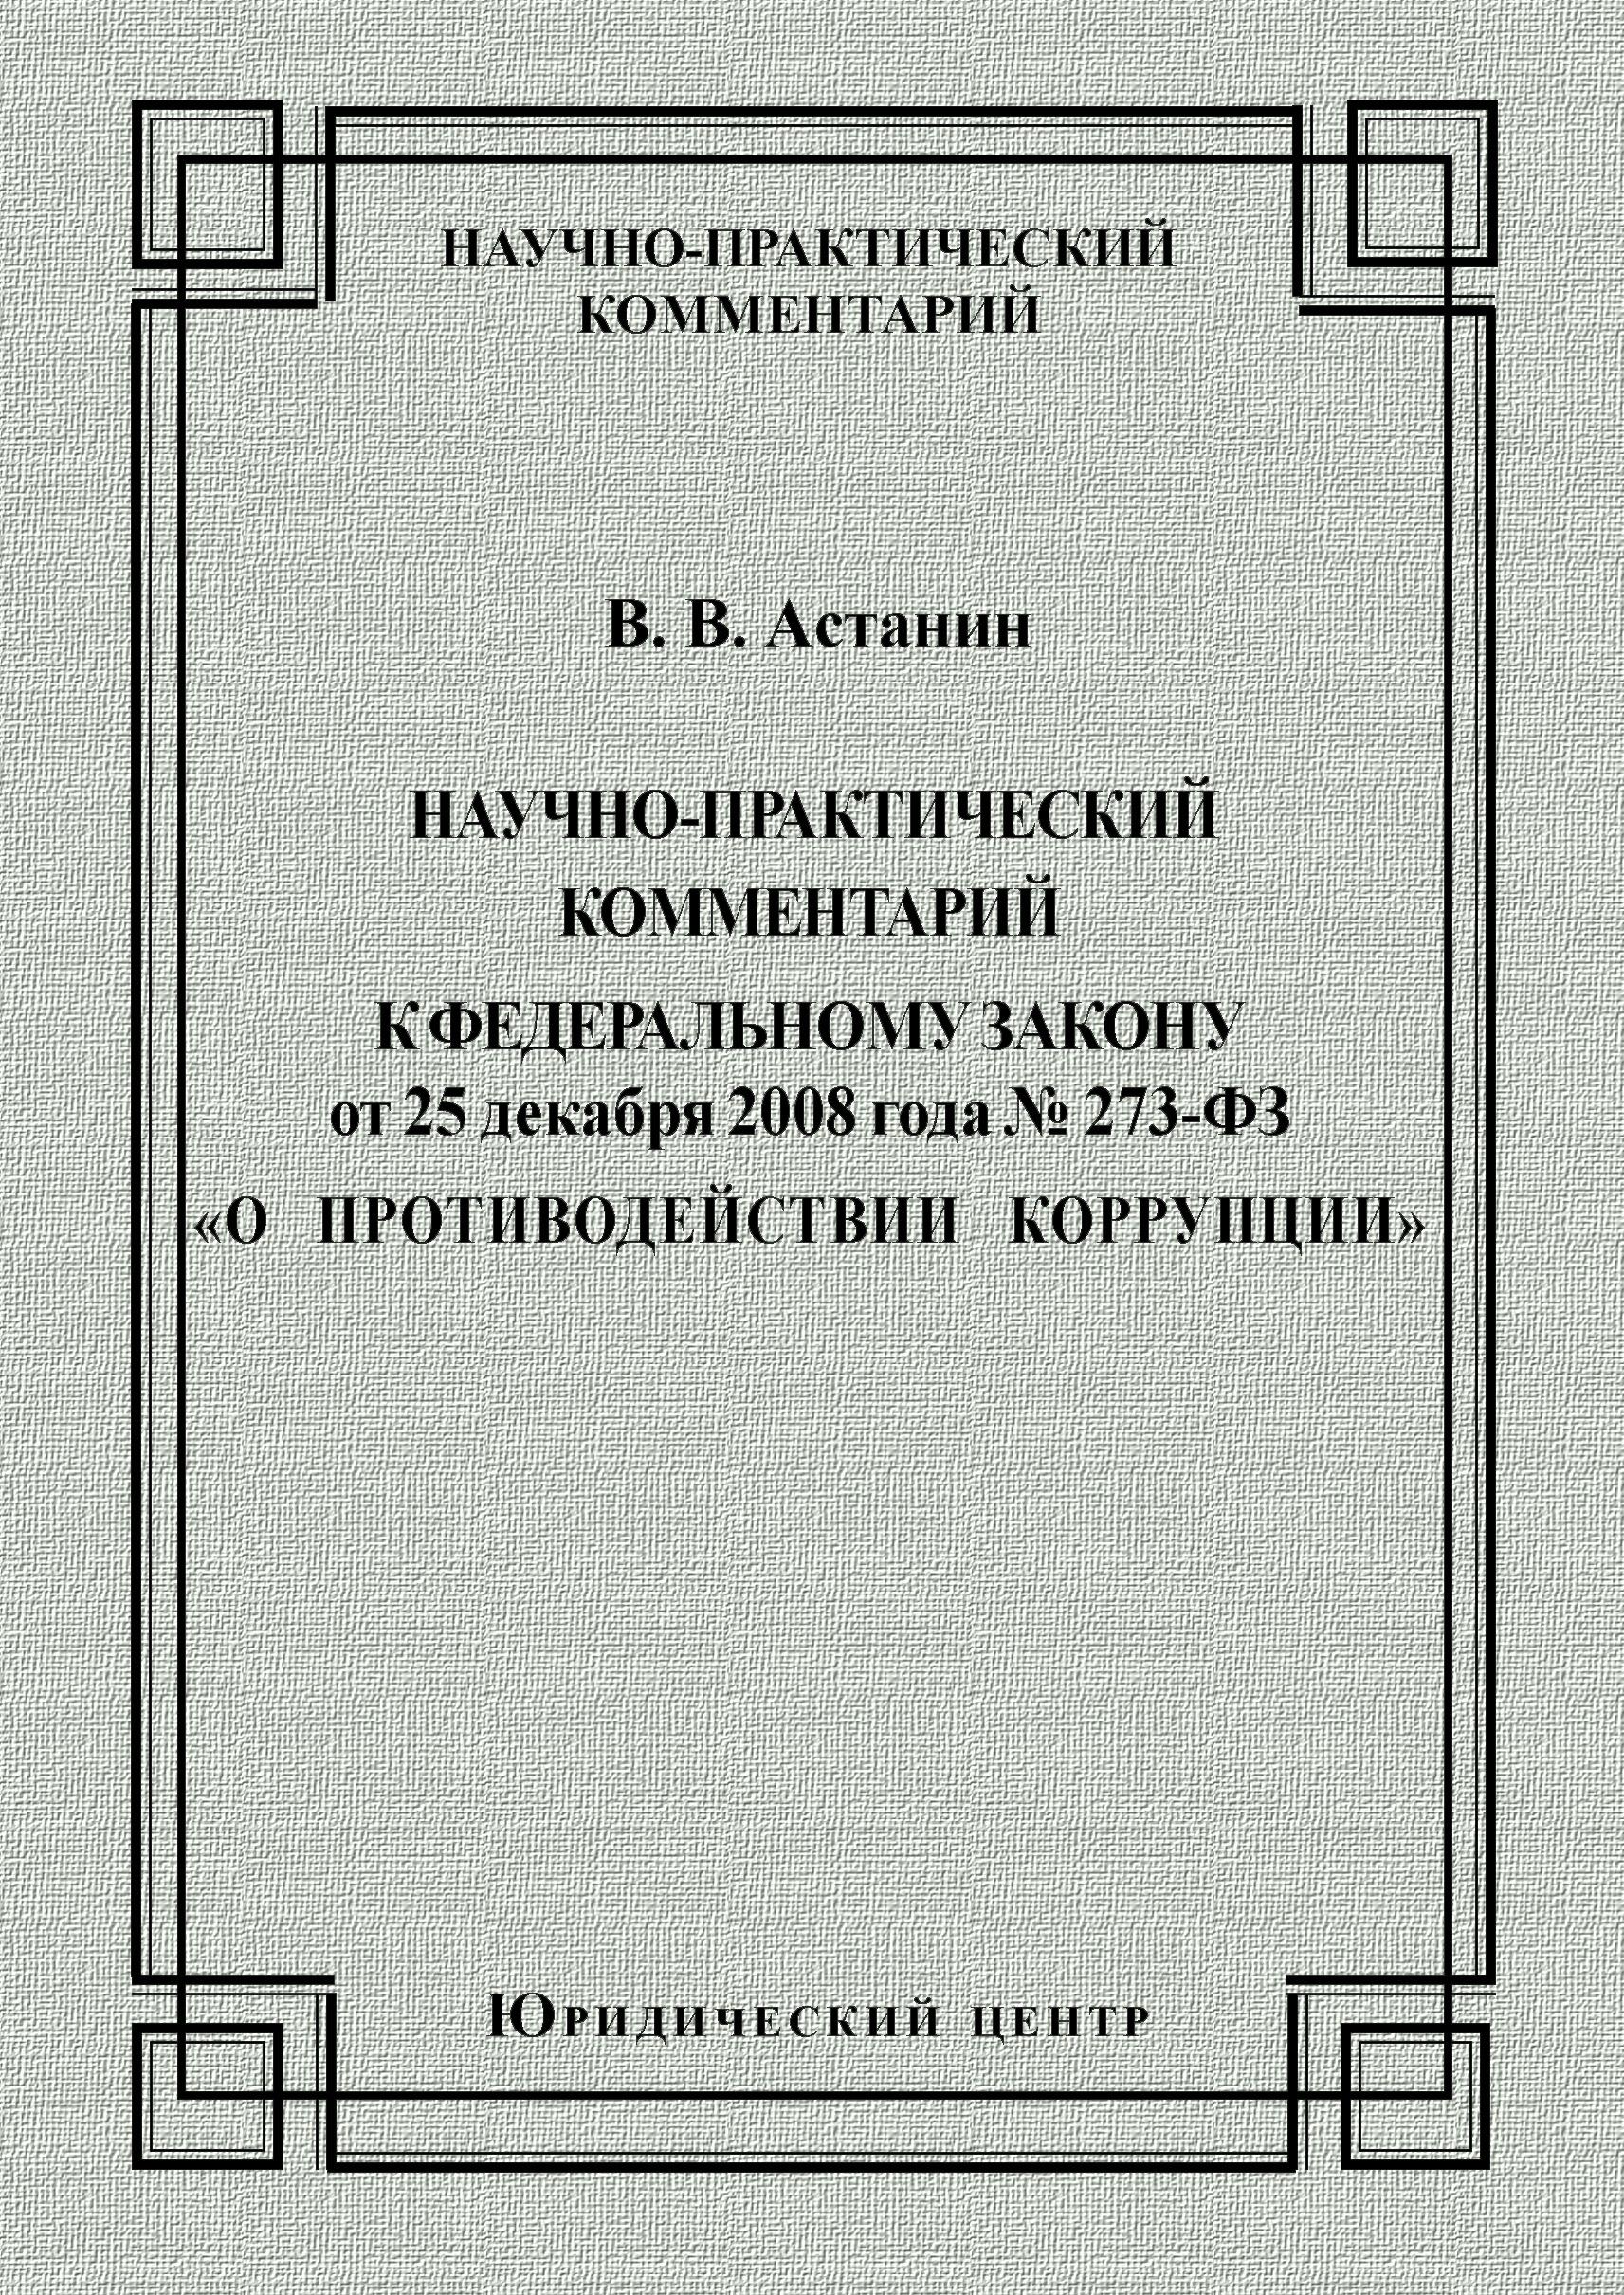 В. В. Астанин Научно-практический комментарий к Федеральному закону от 25 декабря 2008 года №273-ФЗ «О противодействии коррупции» о противодействии коррупции 273 фз